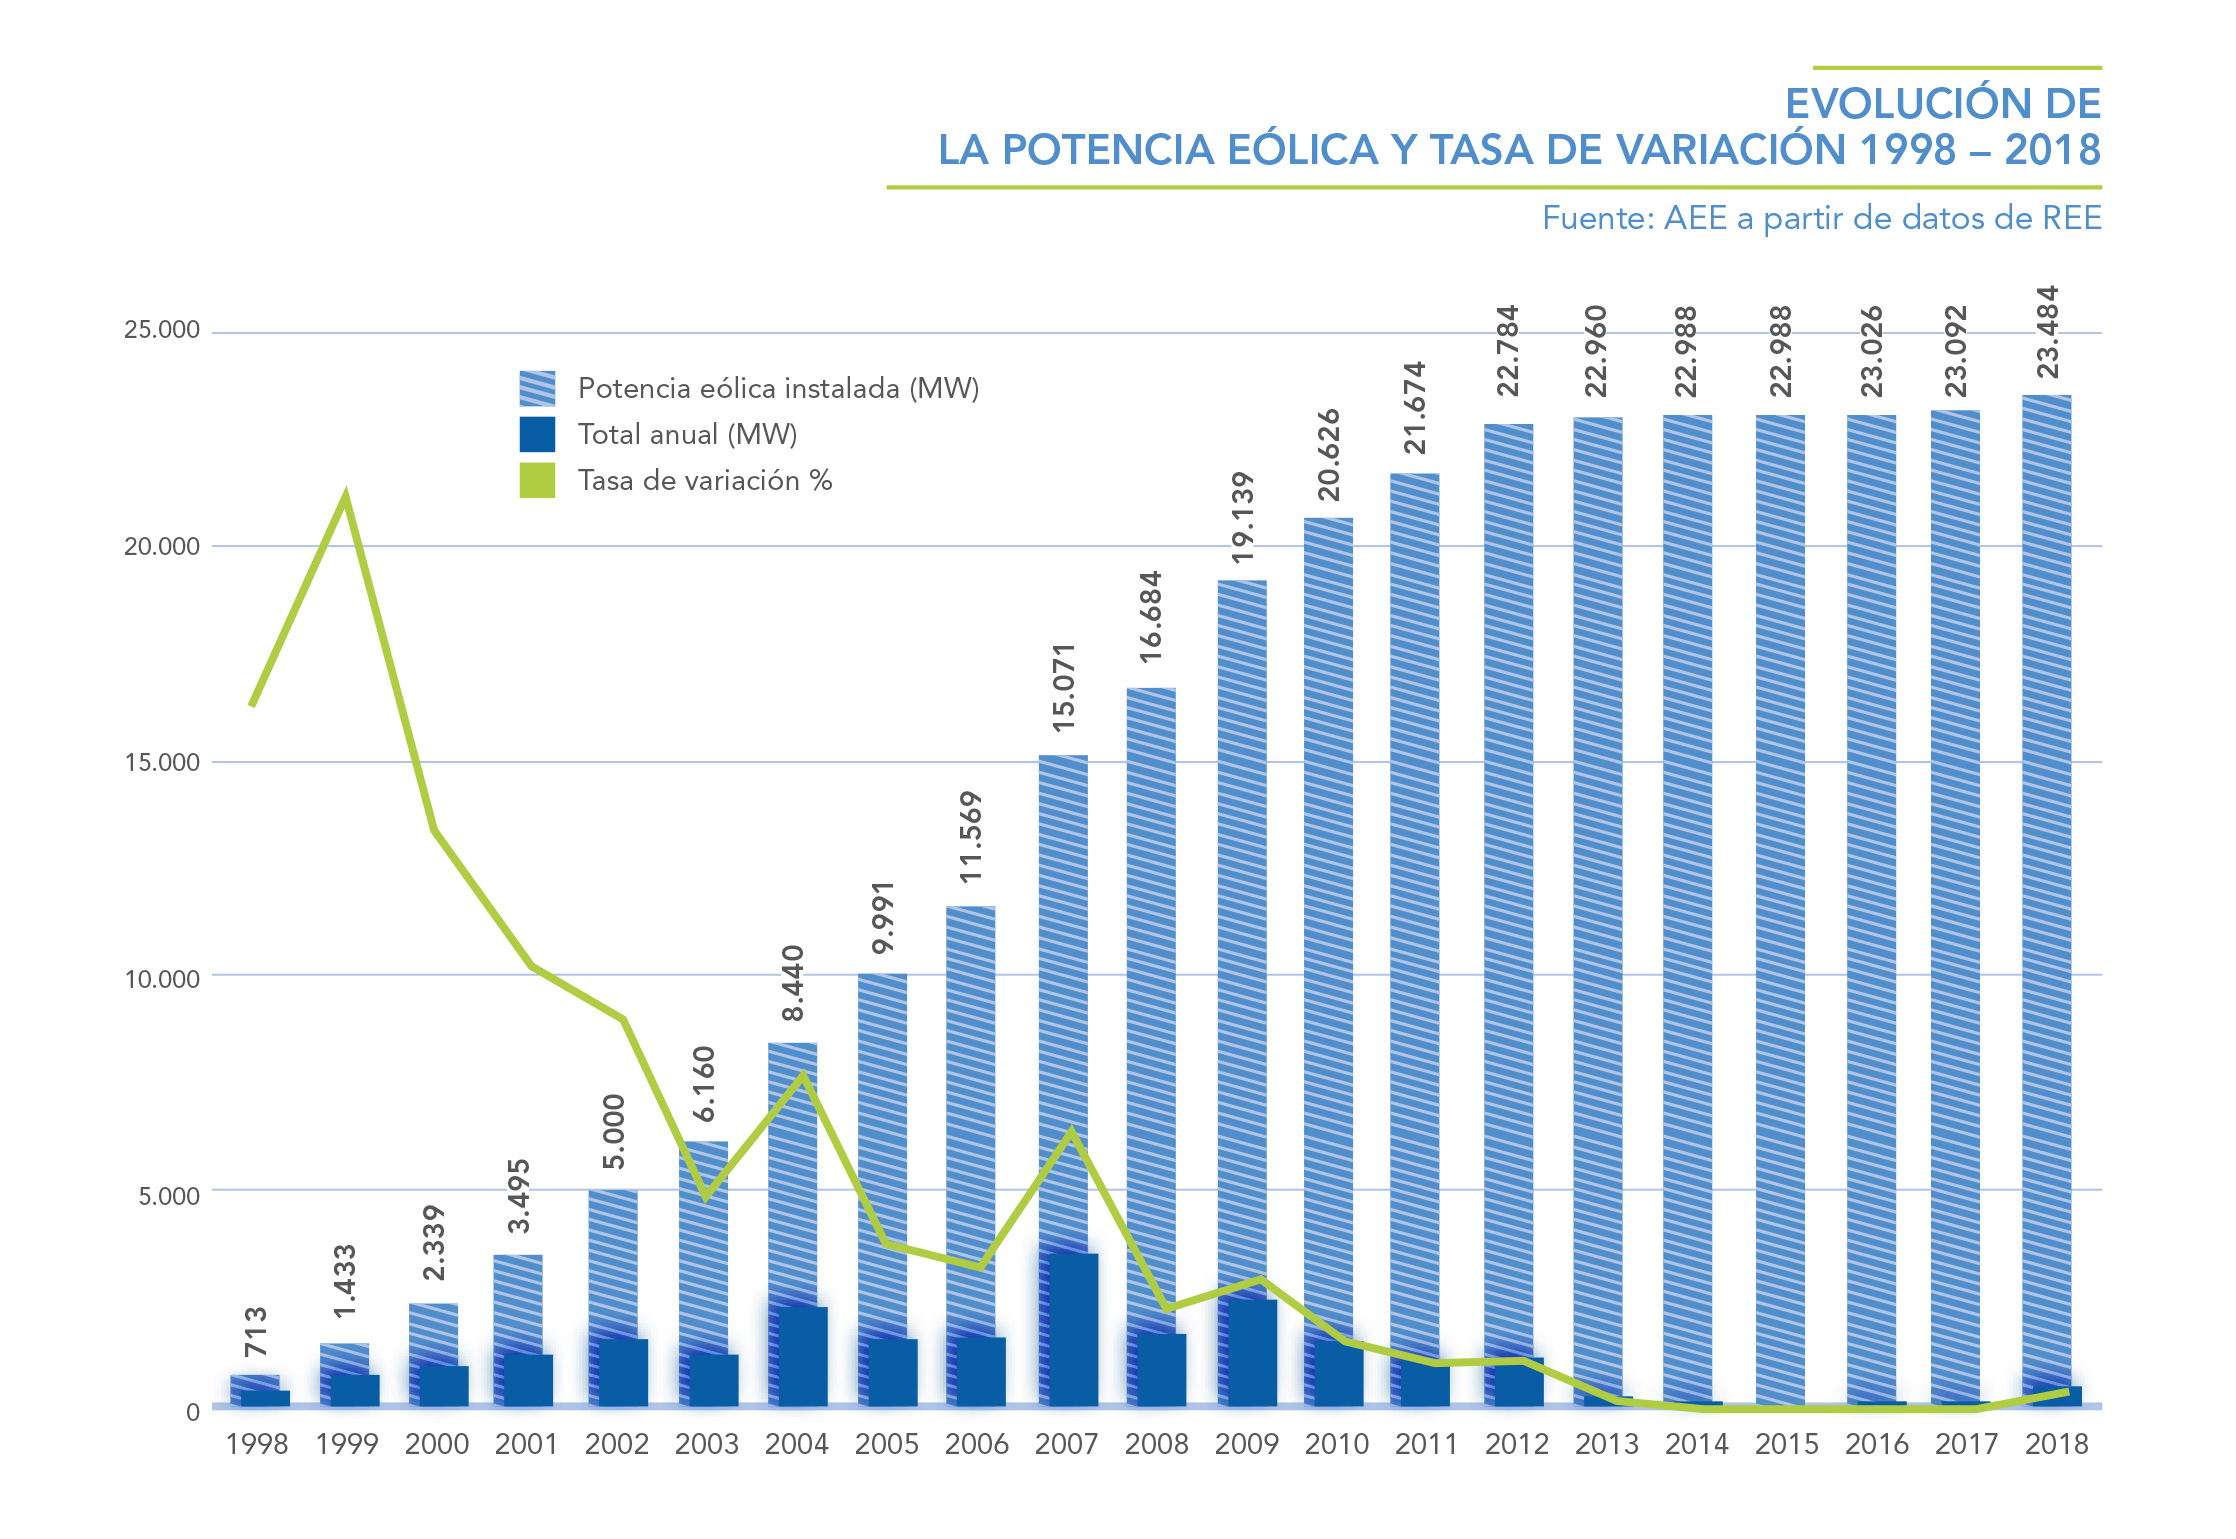 EVOLUCION-DE-LA-POTENCIA-EOLICA-Y-TASA-DE-VARIACION-1998---2018